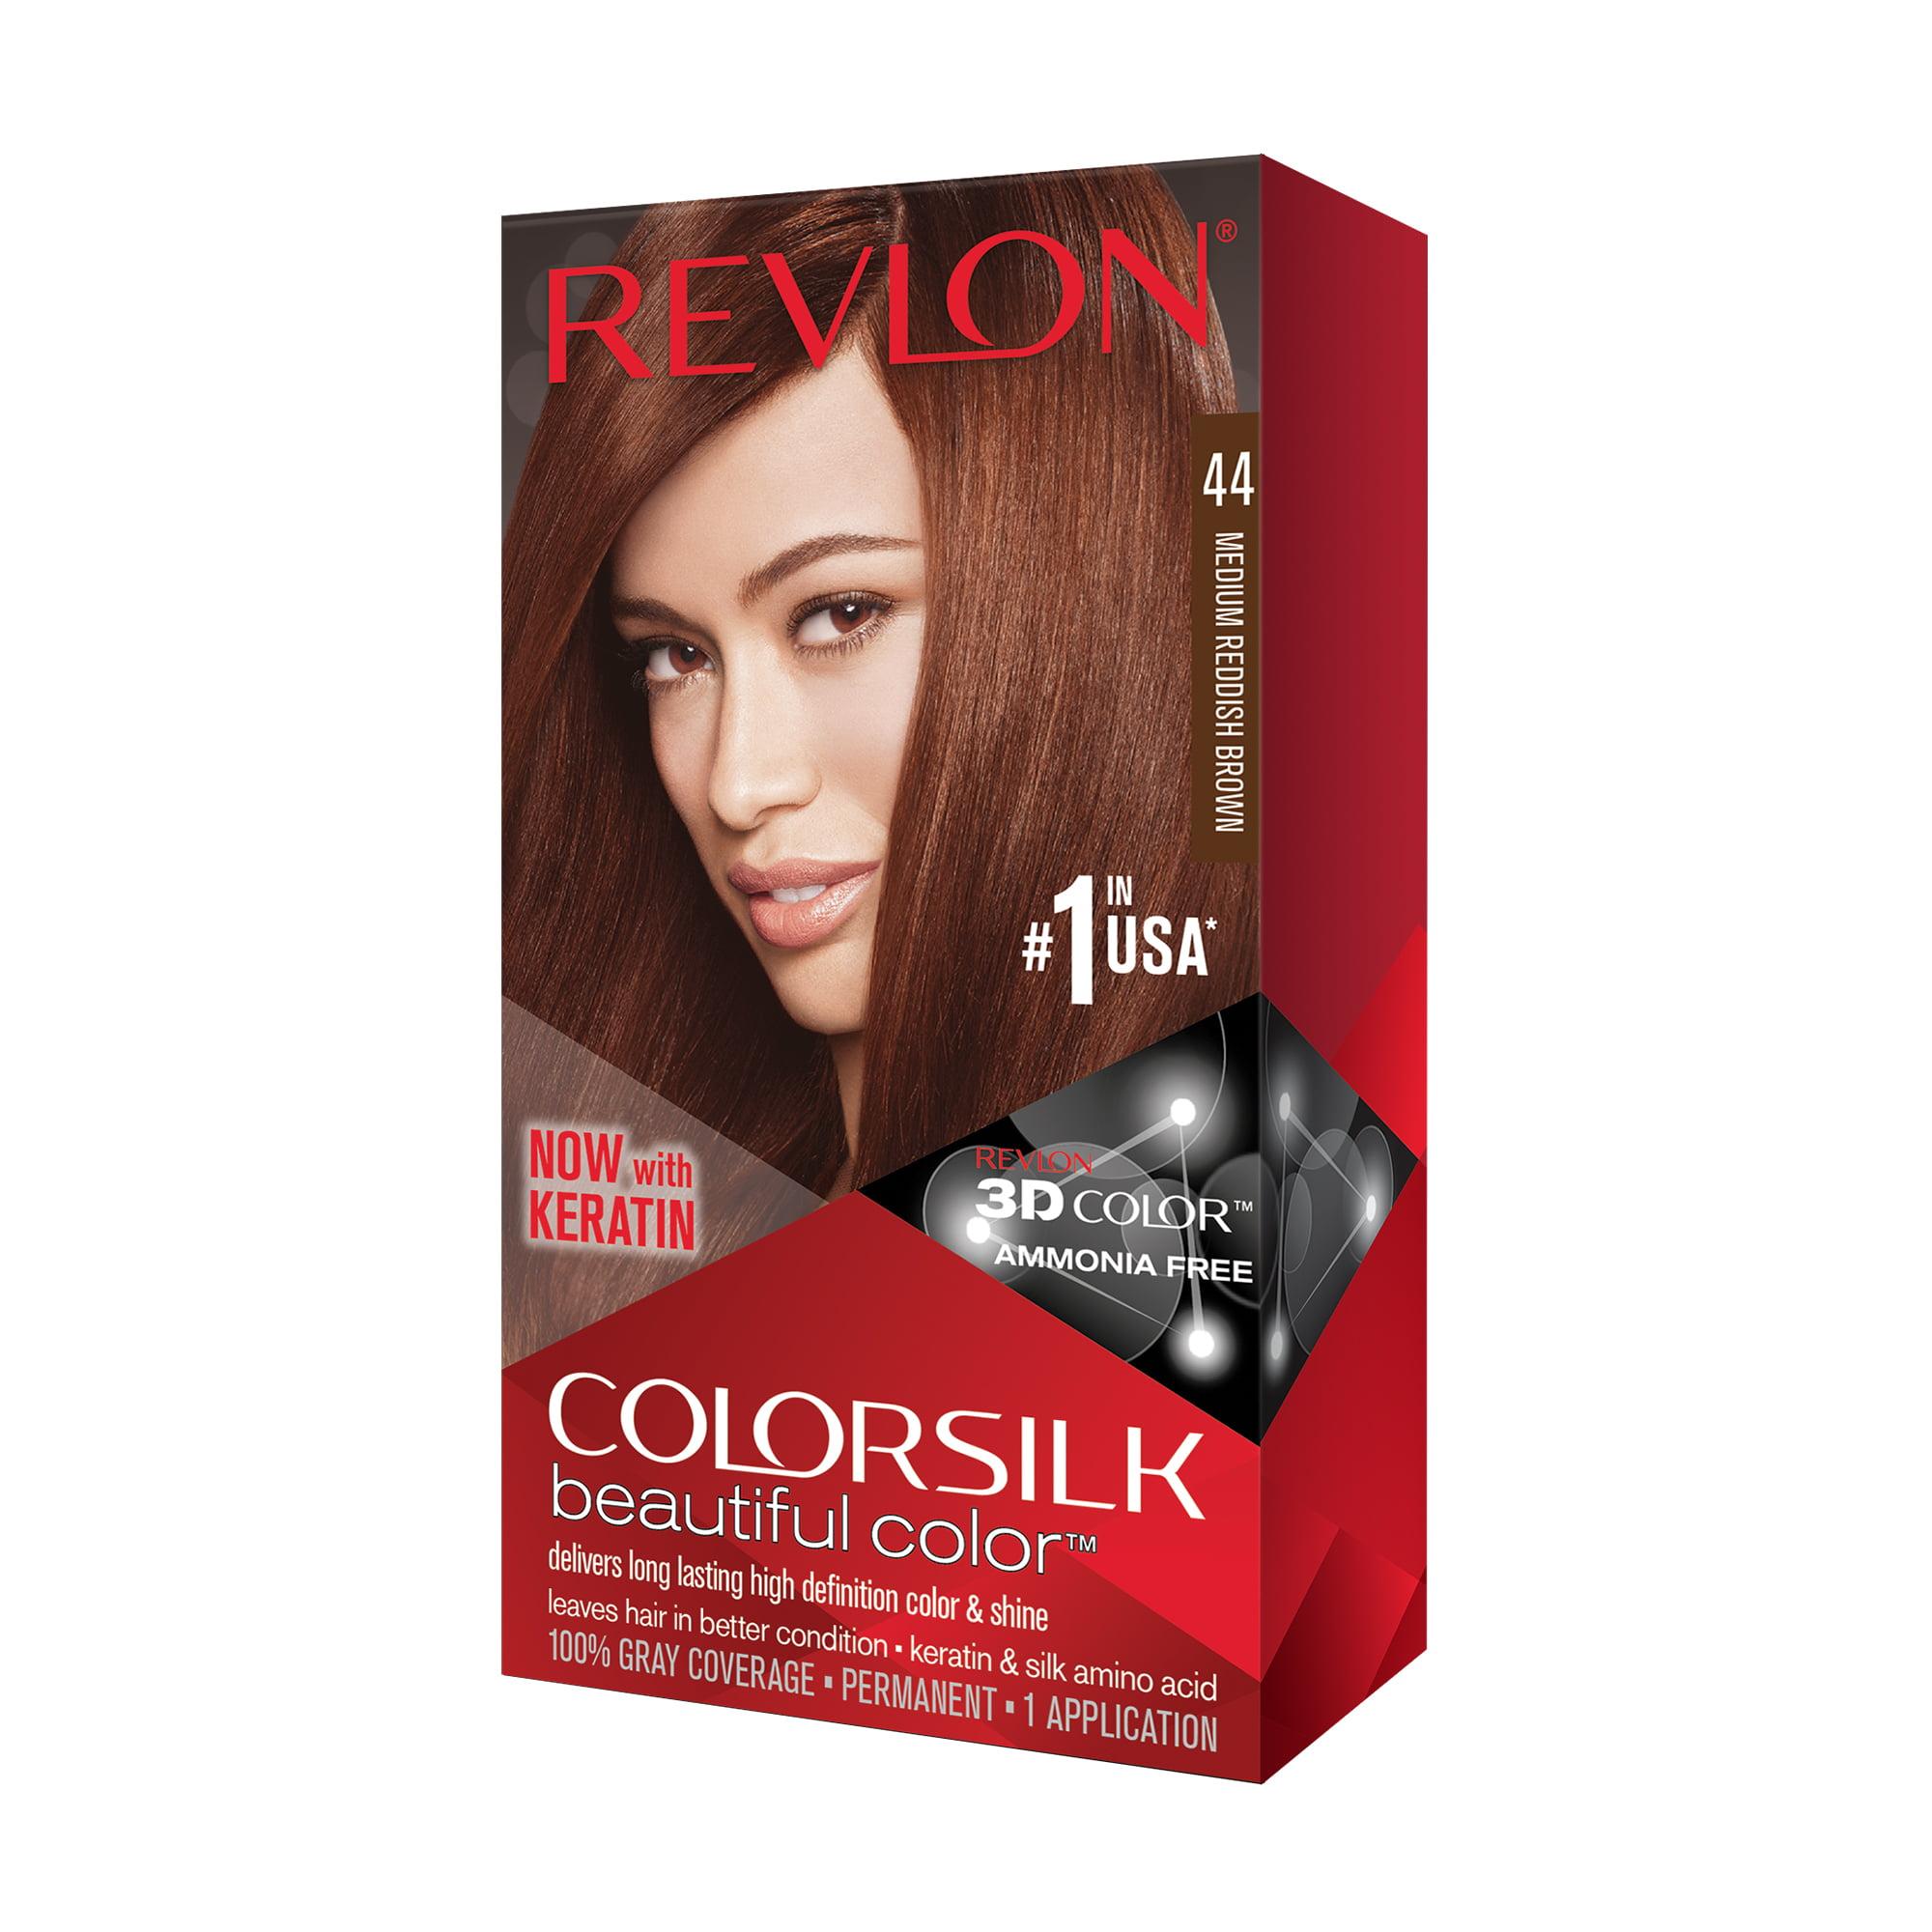 Revlon Colorsilk Beautiful Color Hair Color Medium Reddish Brown